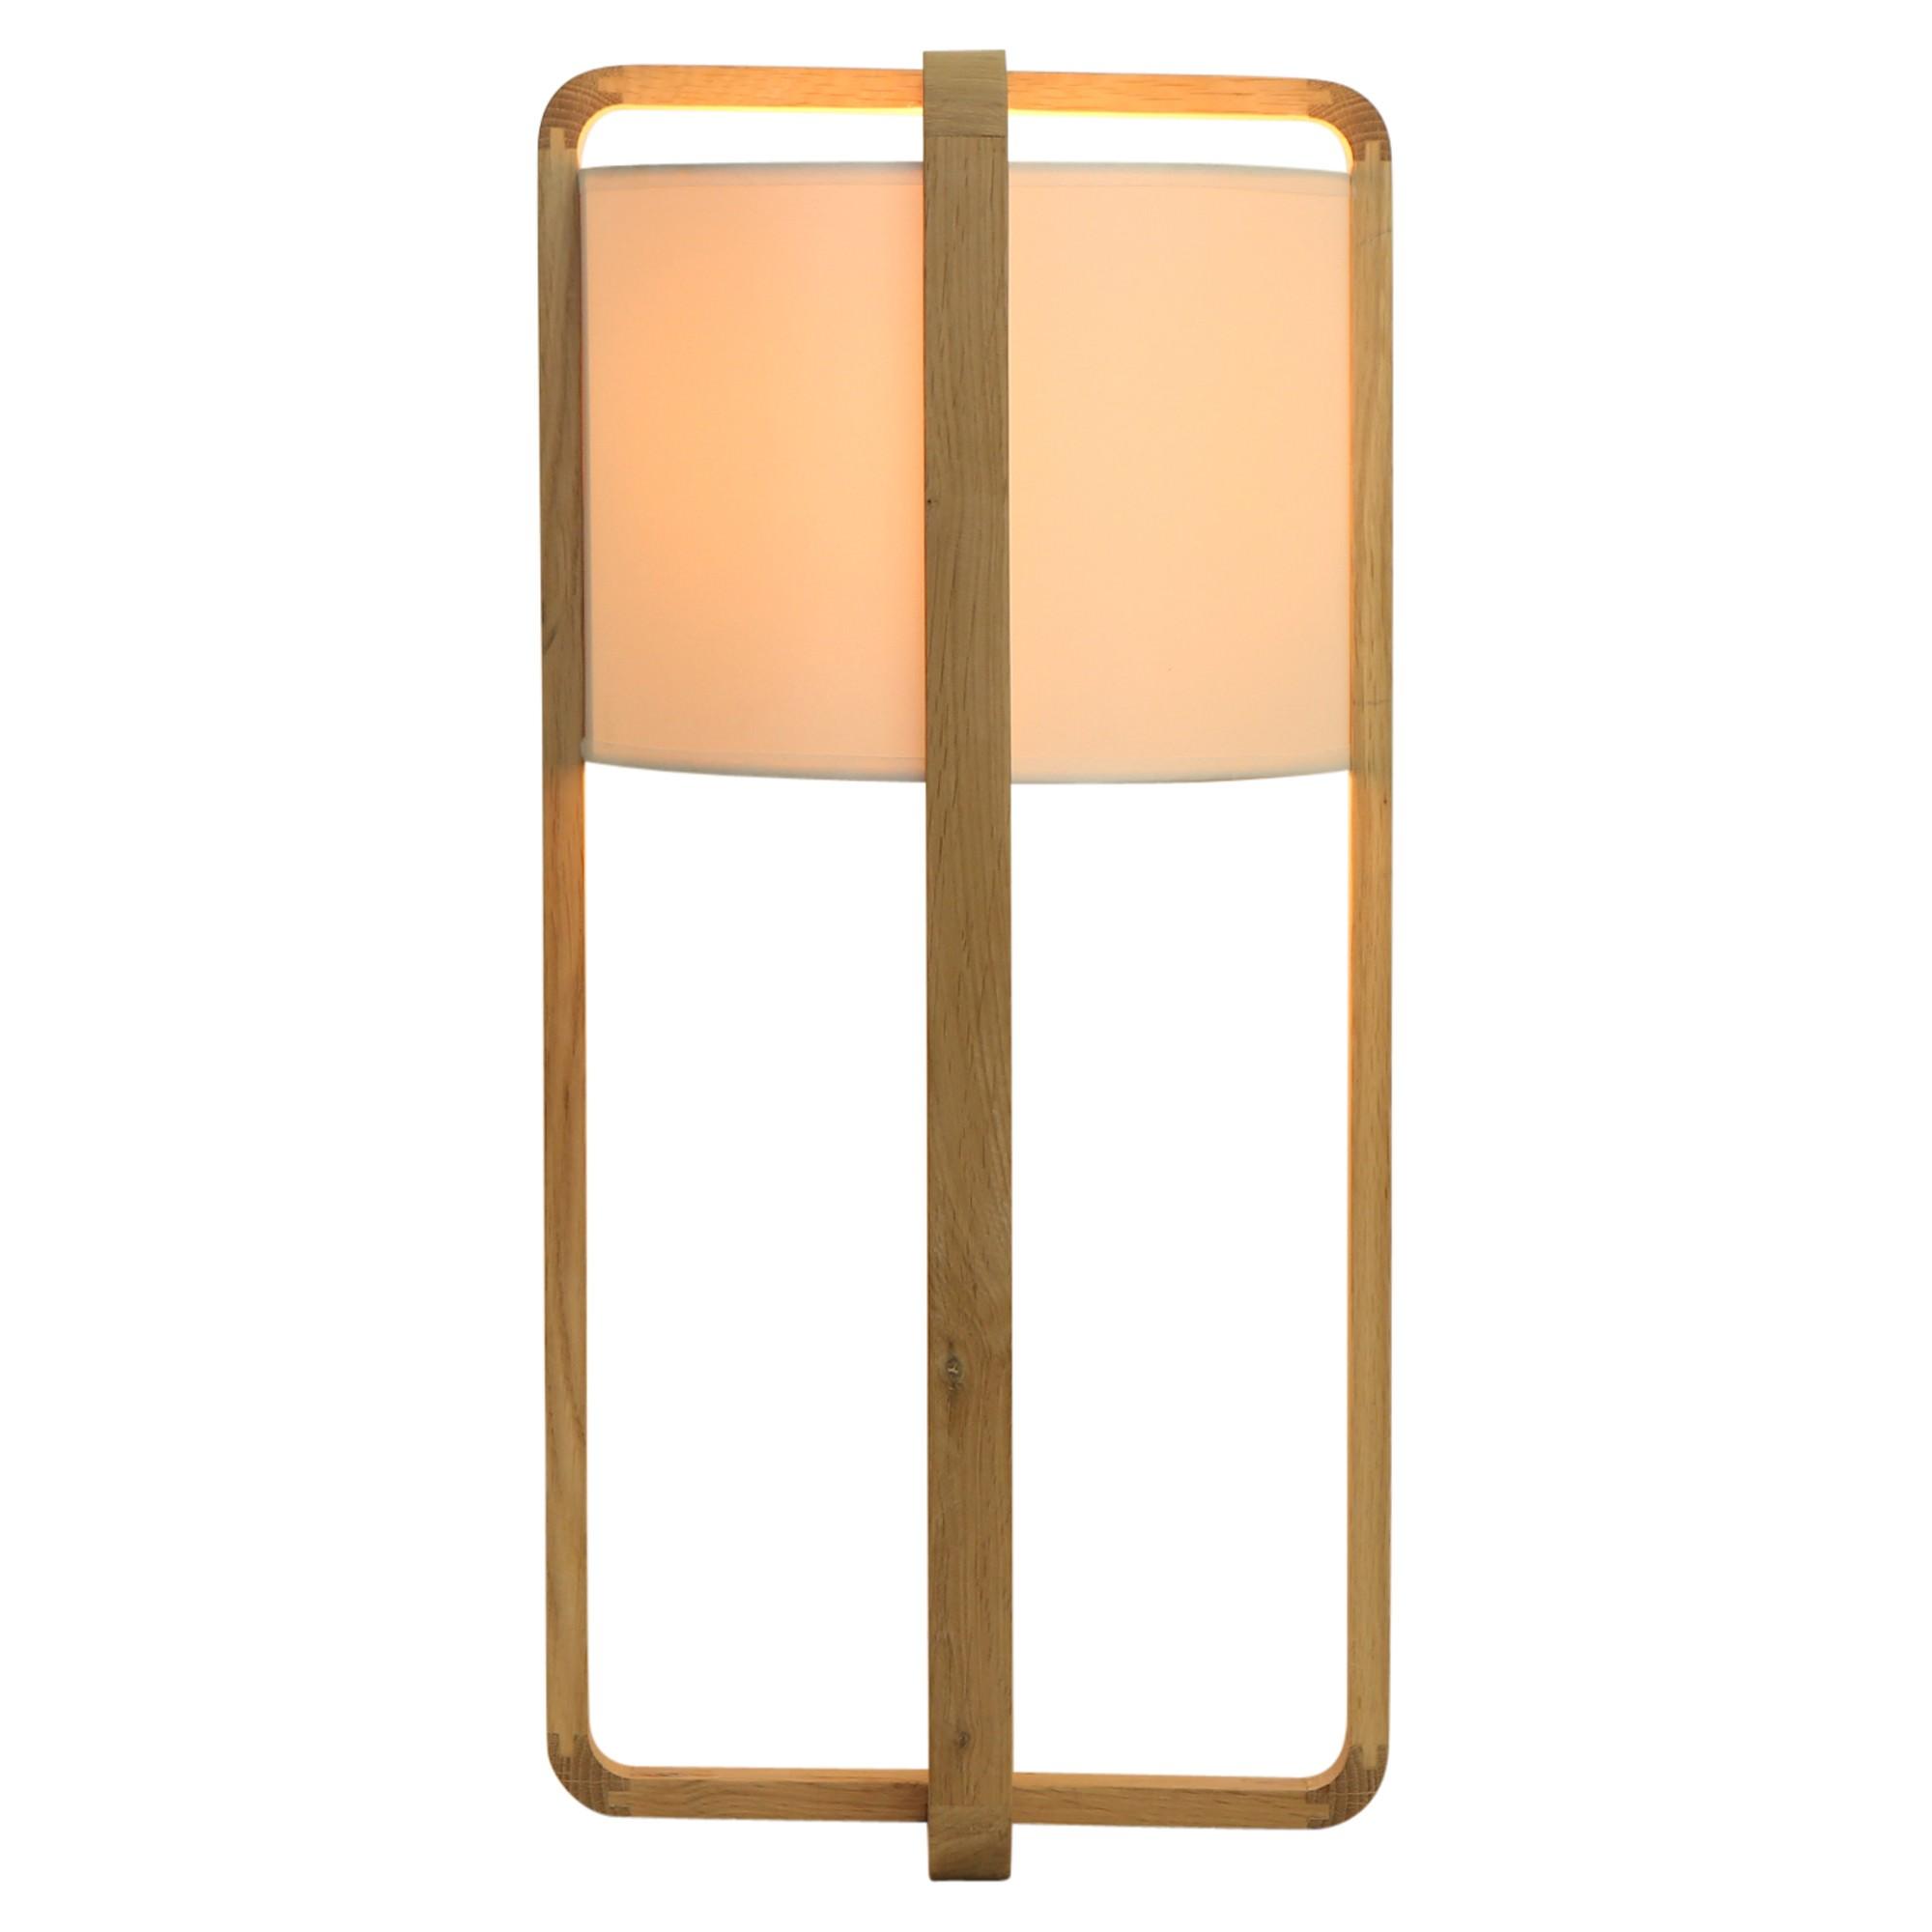 Genoa Oak Timber Base Table Lamp